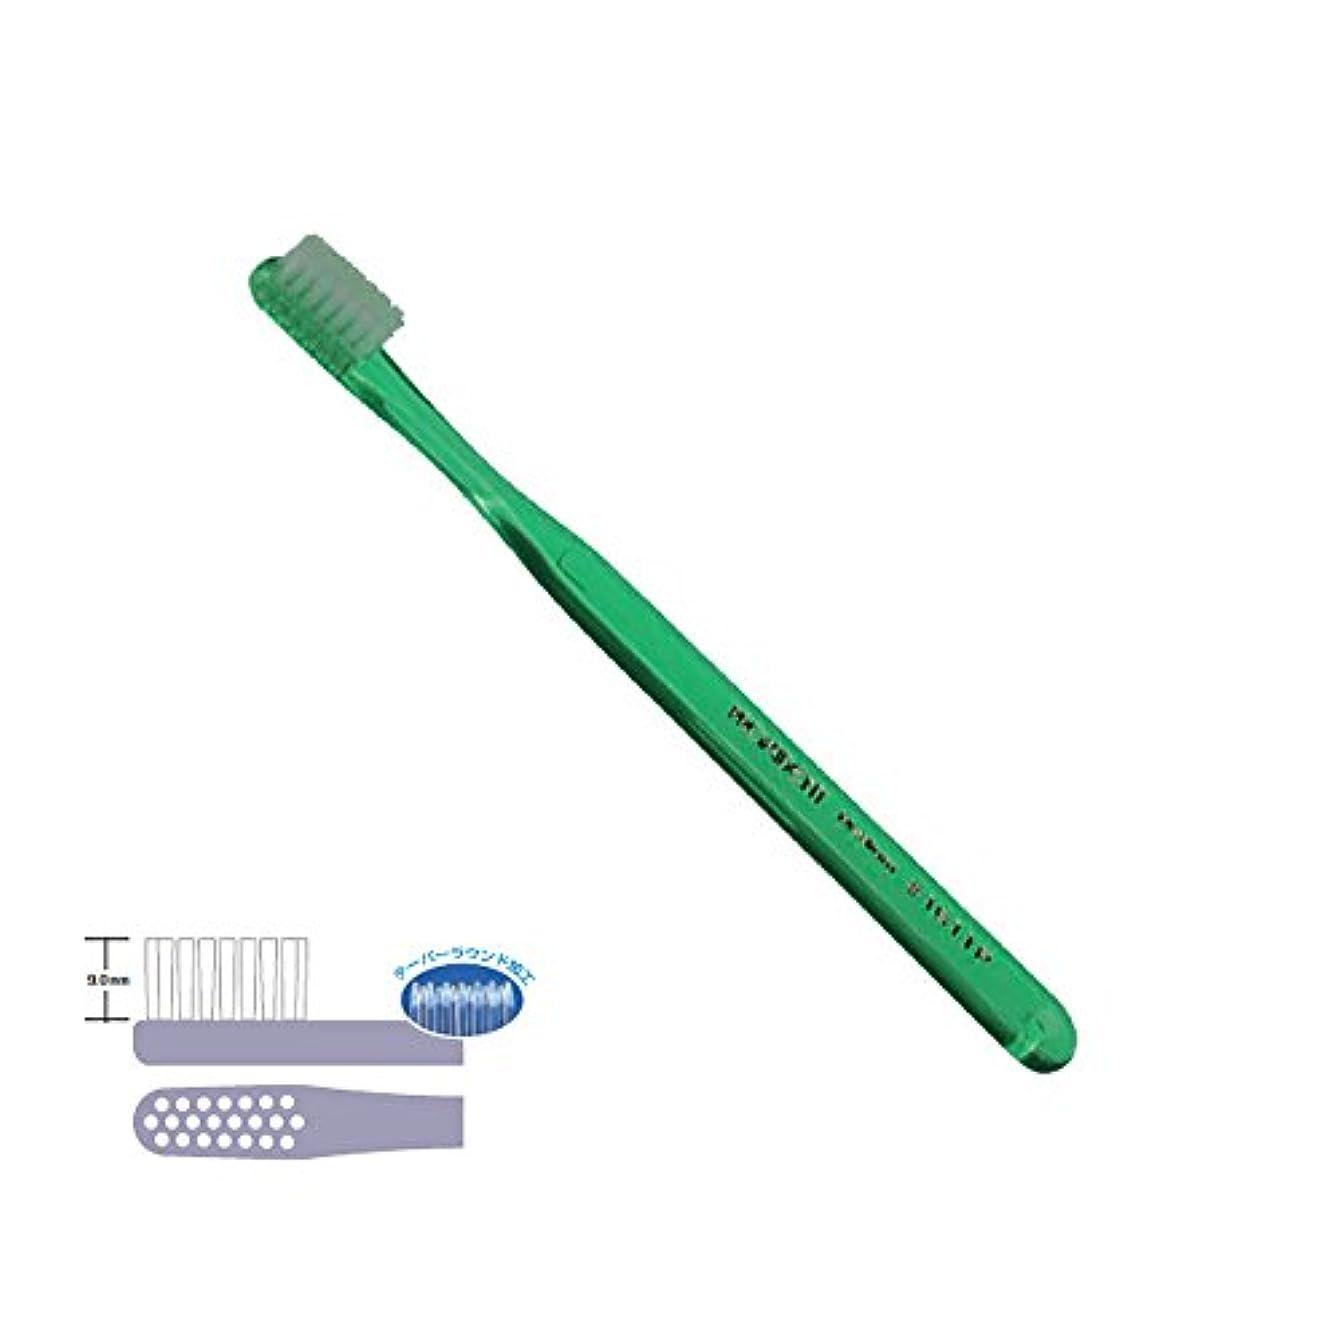 マザーランドフォアタイプ反発するプローデント プロキシデント #1611P 歯ブラシ 50本入 10本 × 5色 【コンパクトヘッド】【ミディアム】【キャップ付】